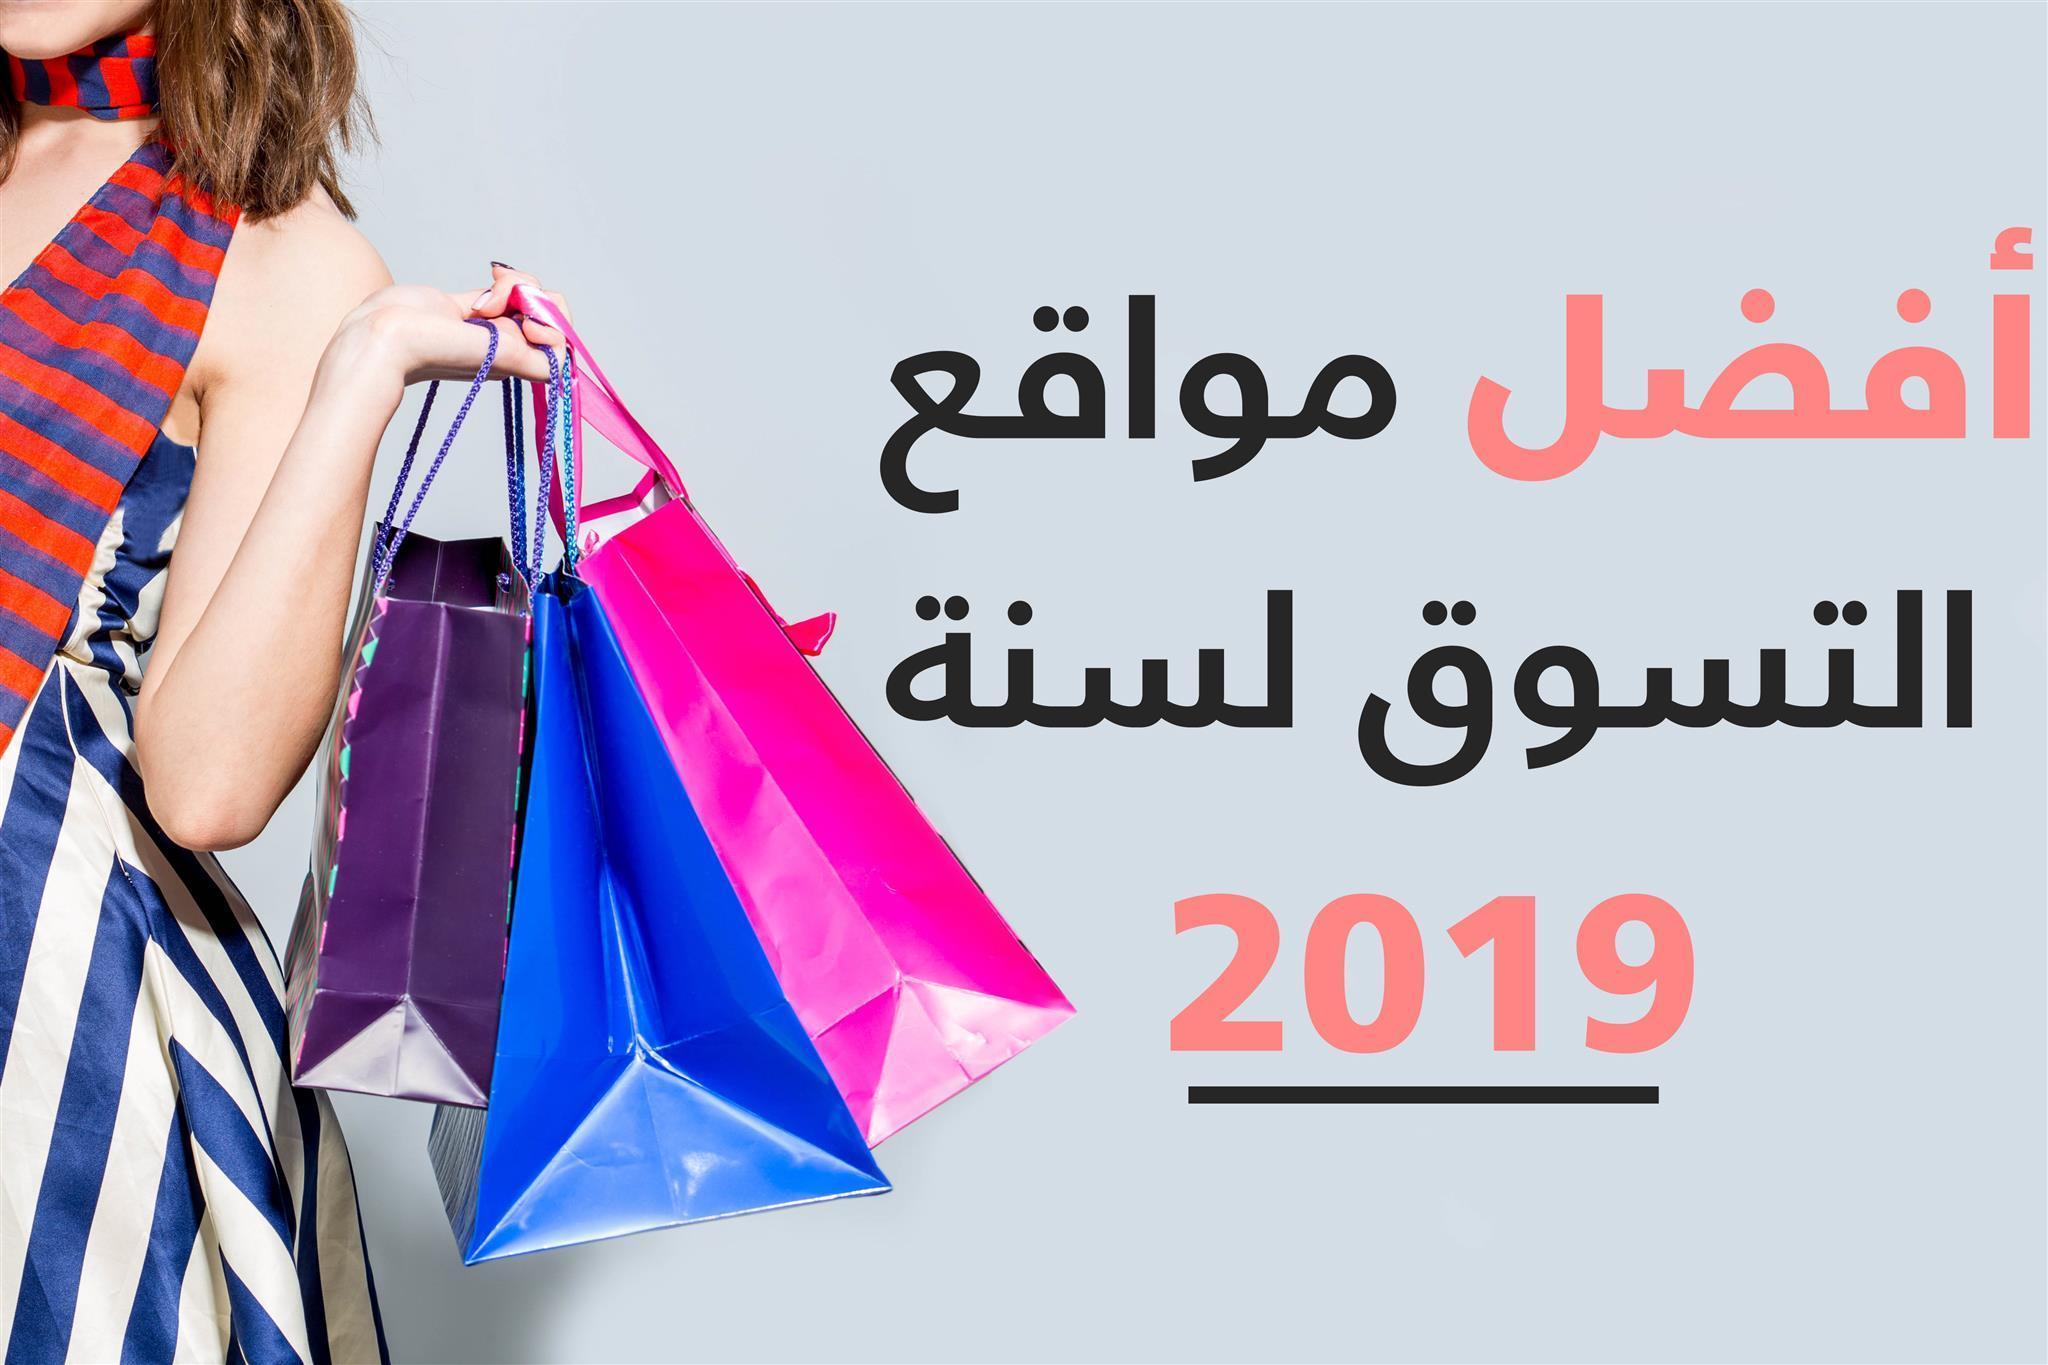 b8bafdc28 أفضل مواقع التسوق اون لاين فـــ